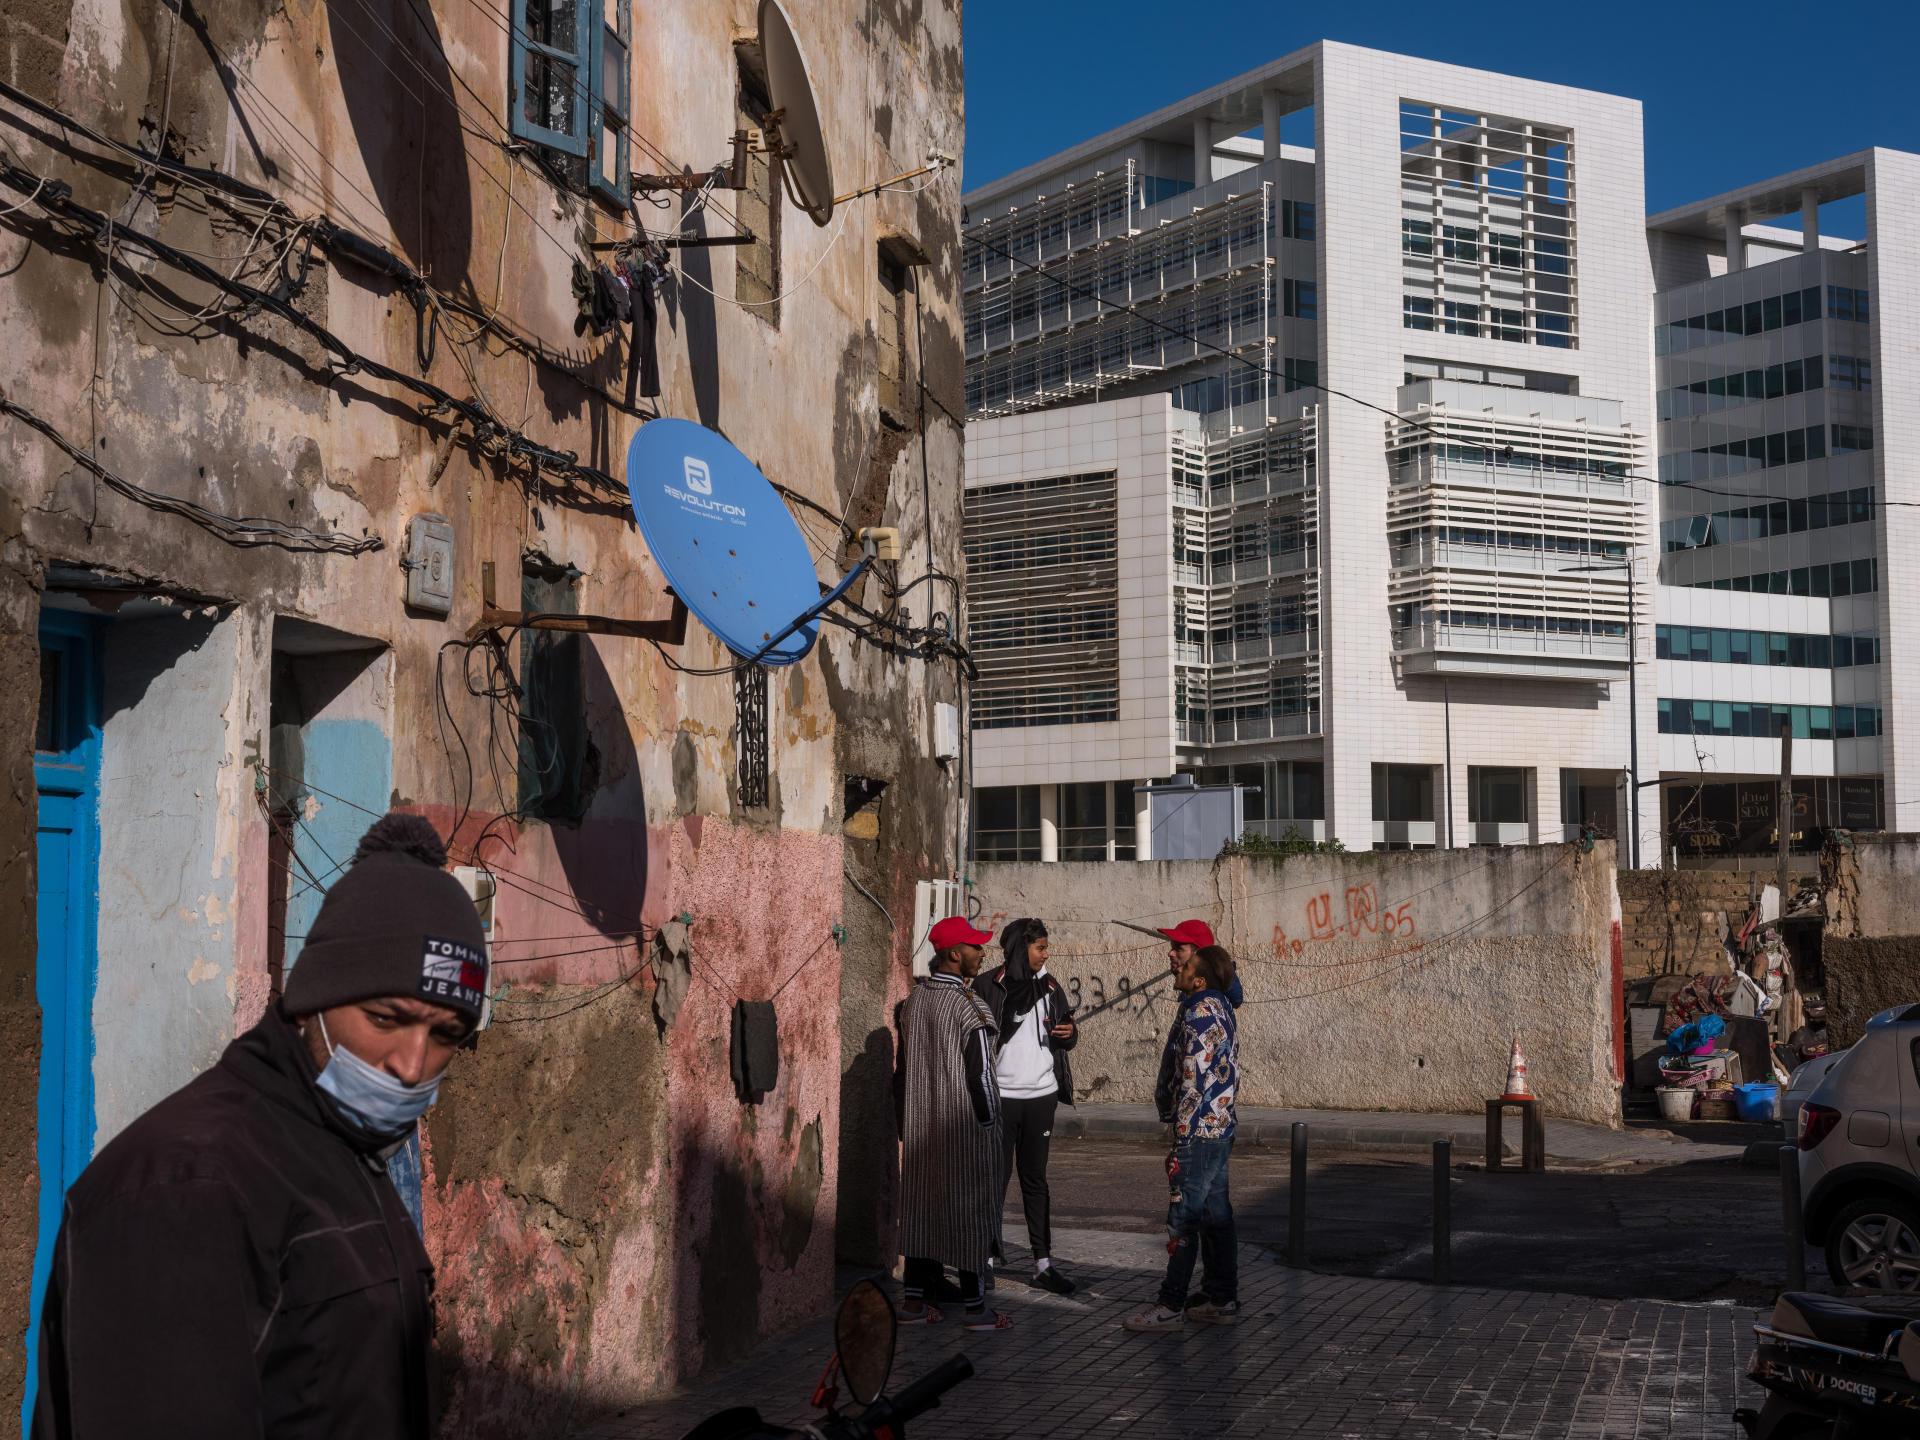 A deux pas du quartier défavorisé de Cuba se dressent les immeubles luxueux de la marina de Casablanca. Un mur a été érigé pour séparer ces deux mondes.